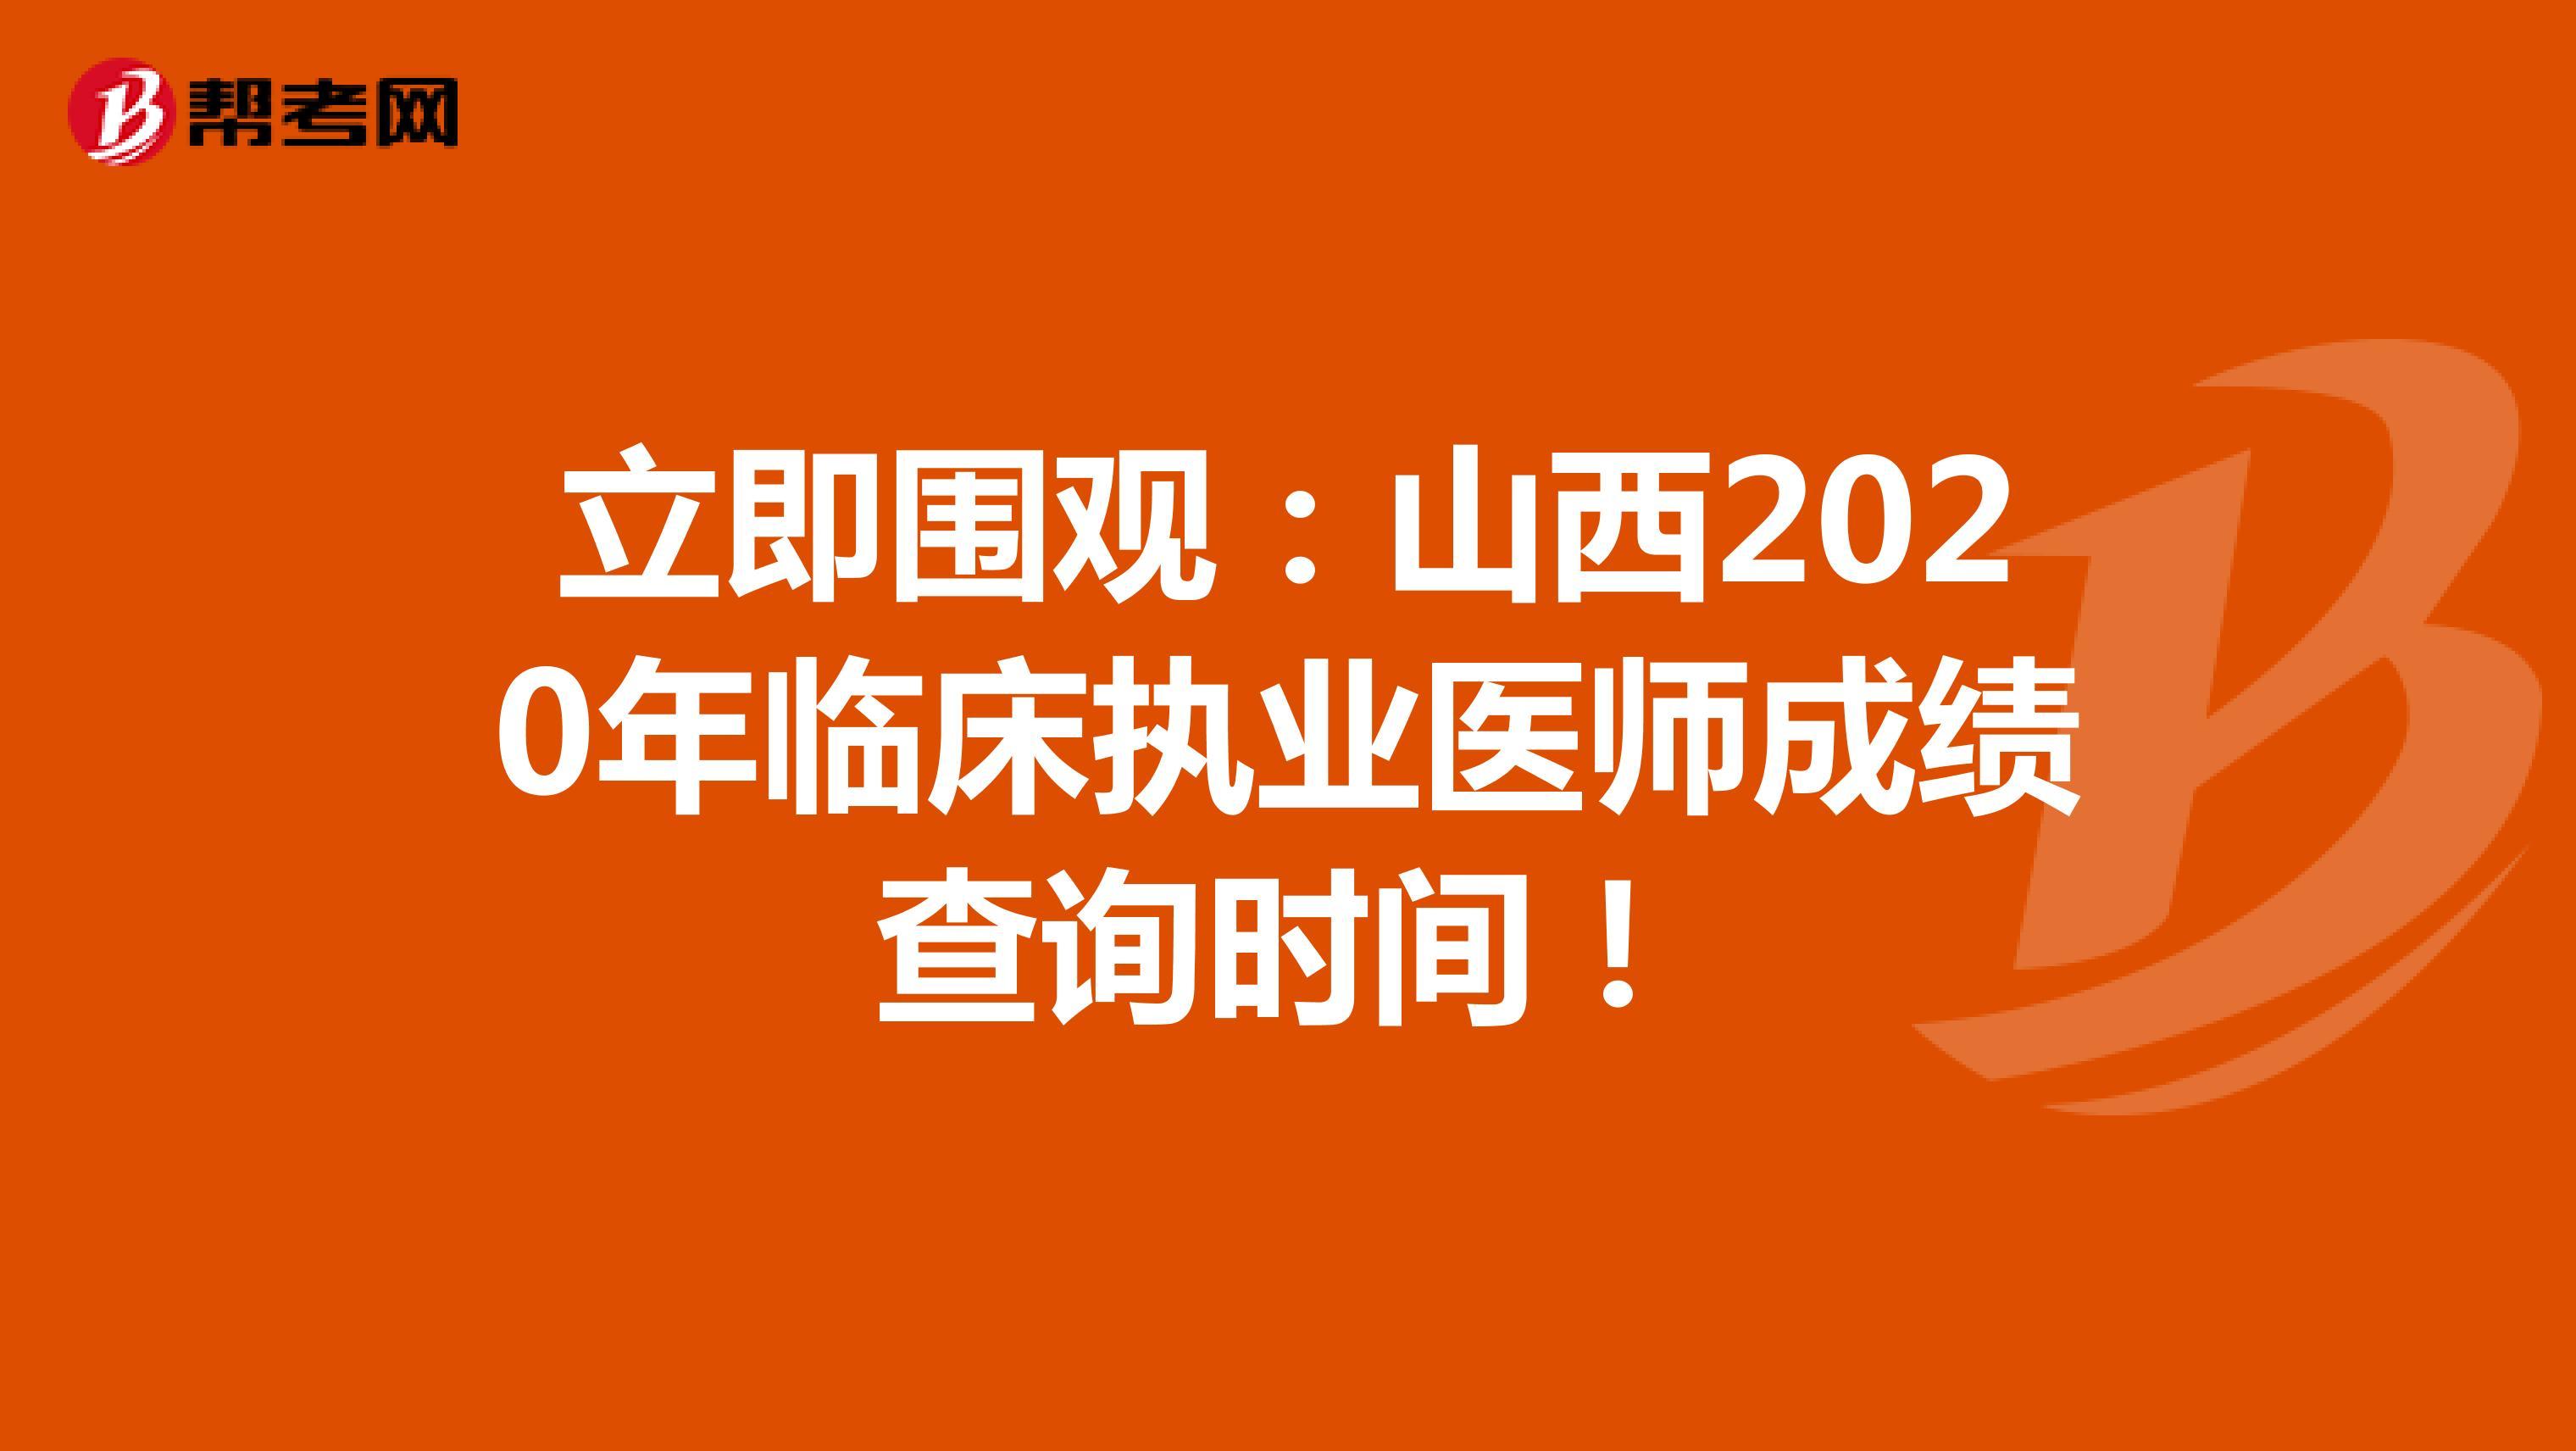 立即围观:山西2020年临床执业医师成绩查询时间!